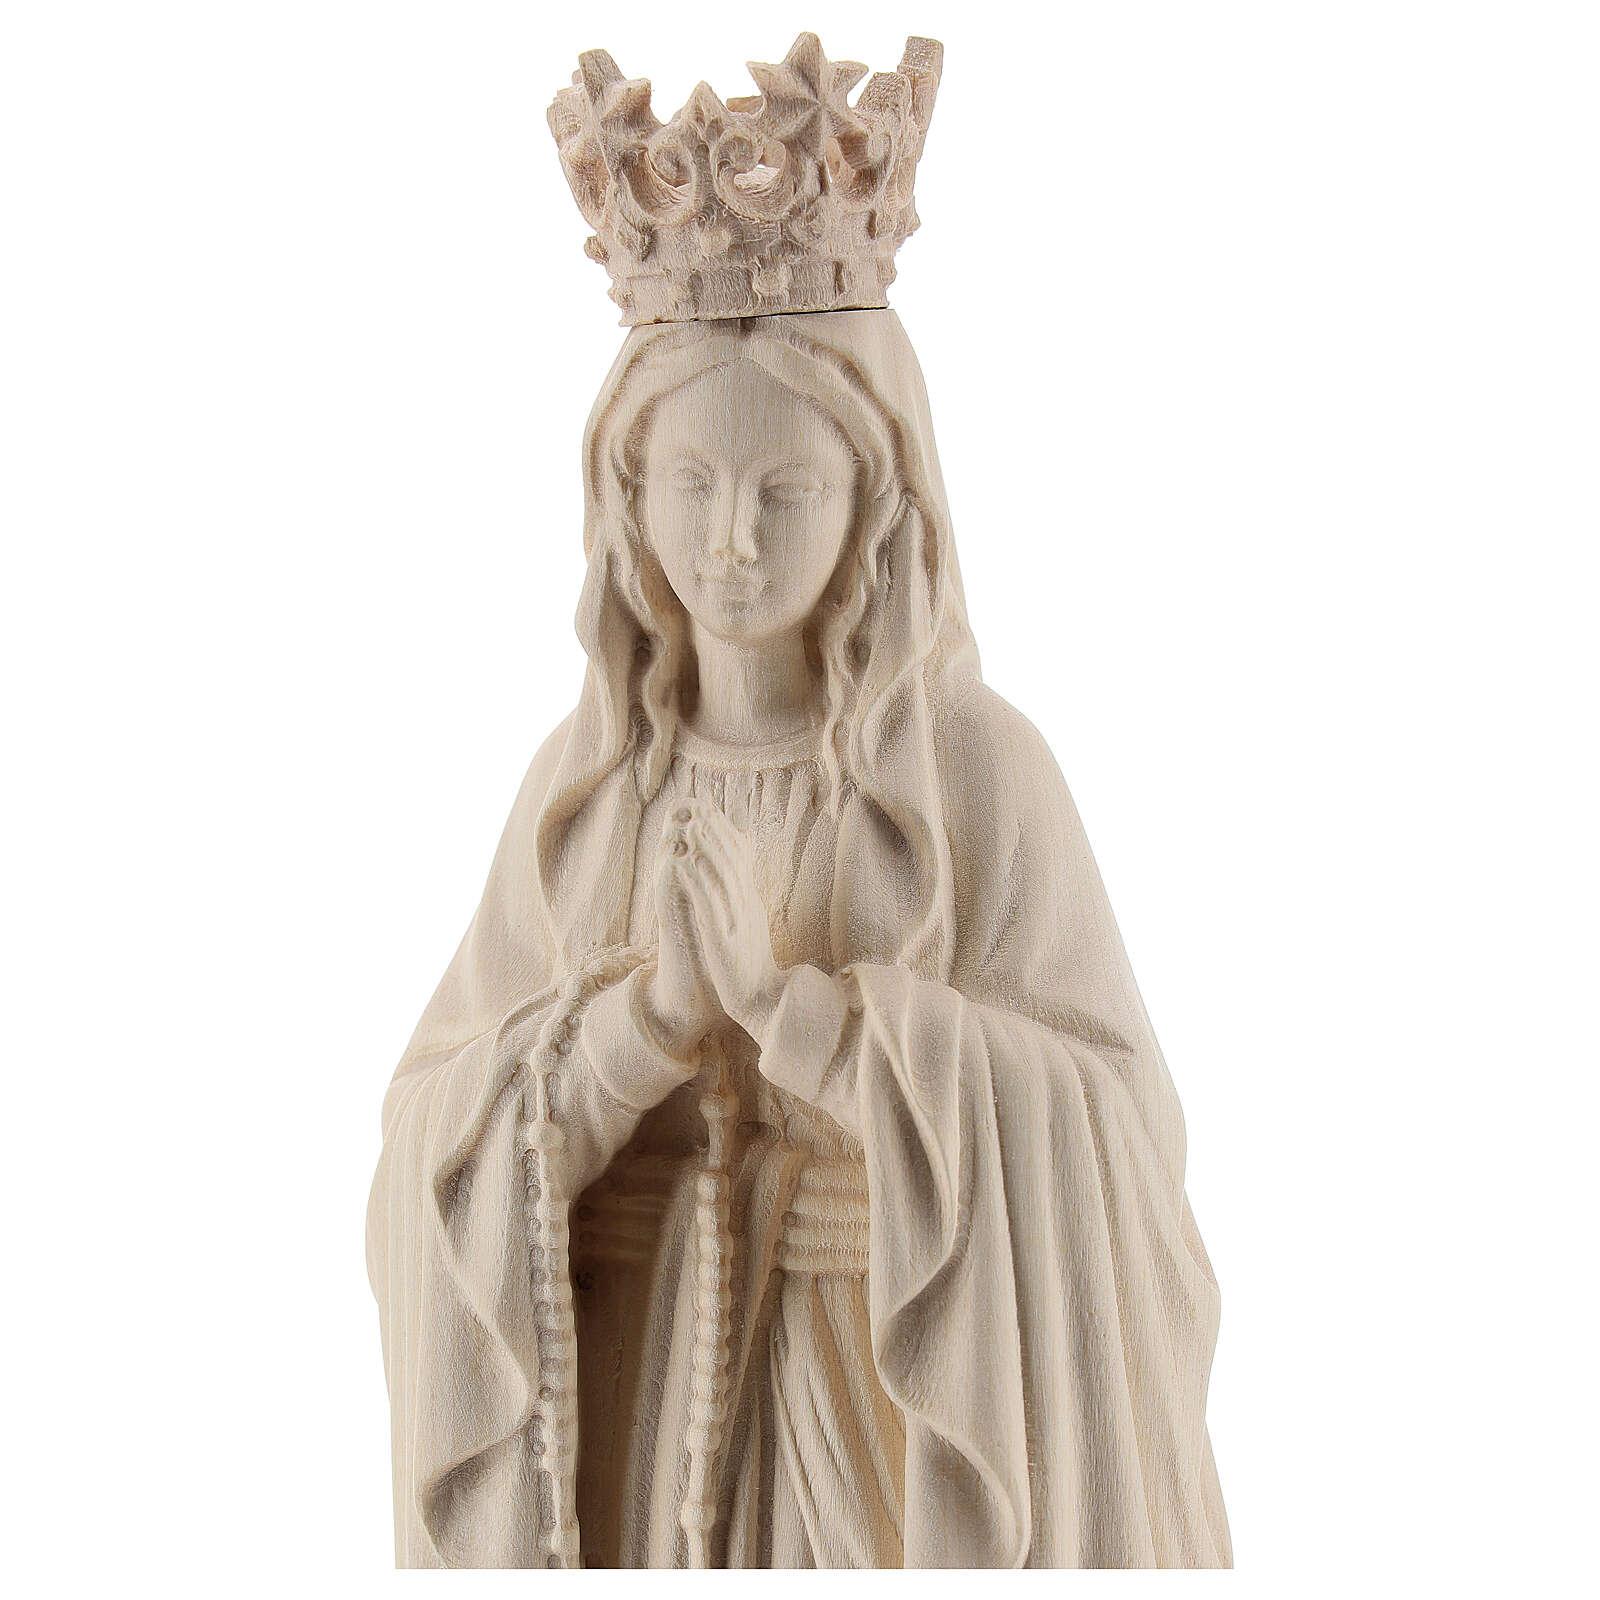 Statua Madonna Lourdes corona Valgardena naturale 4